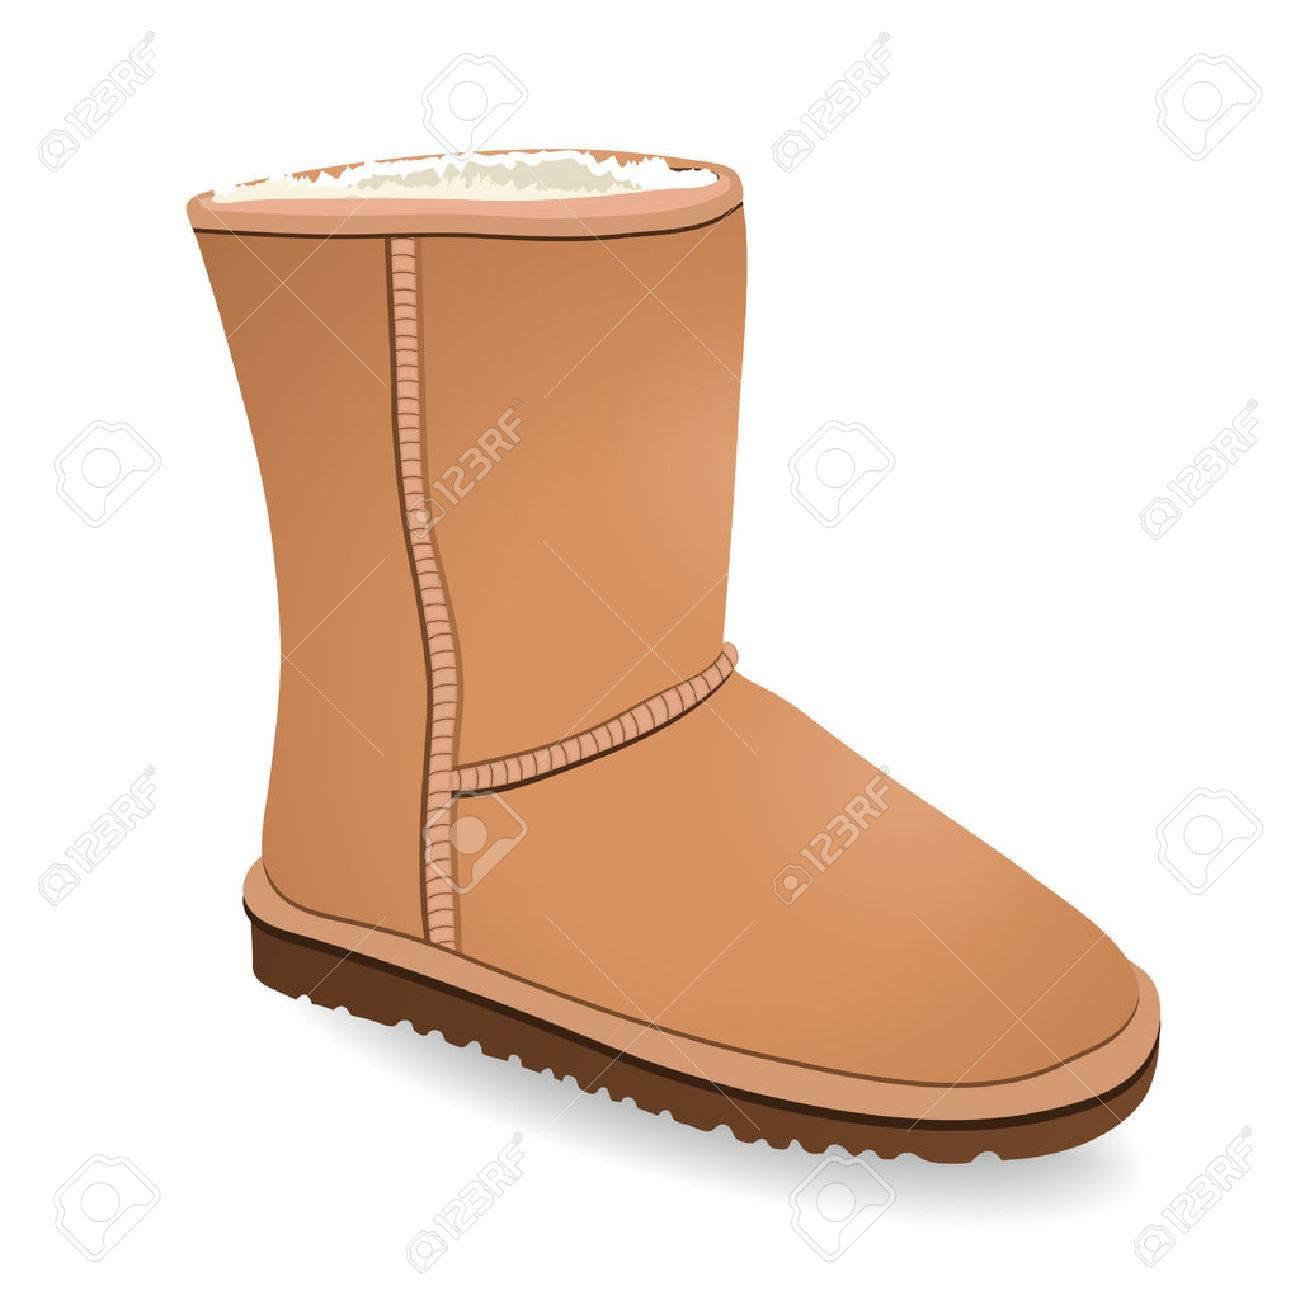 Chaussures, bottes d'hiver brun beige isolées avec fourrure.